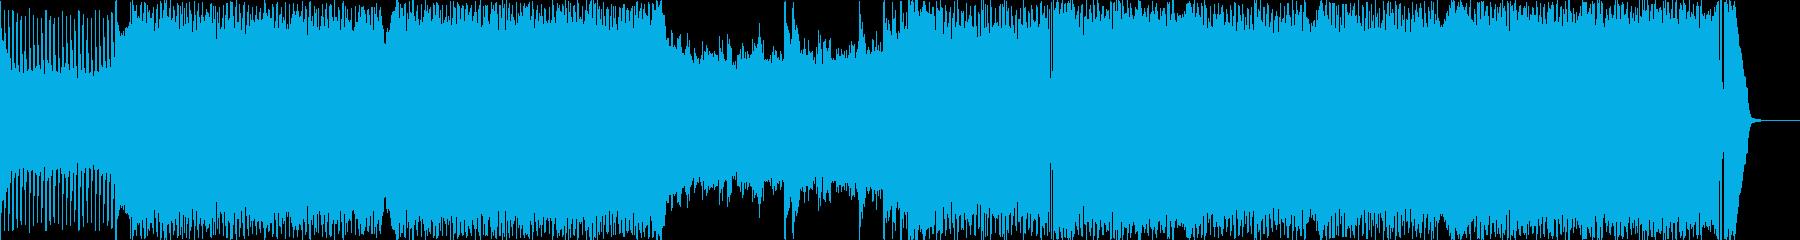 疾走感のあるエレクトロニカ(電子音楽)の再生済みの波形